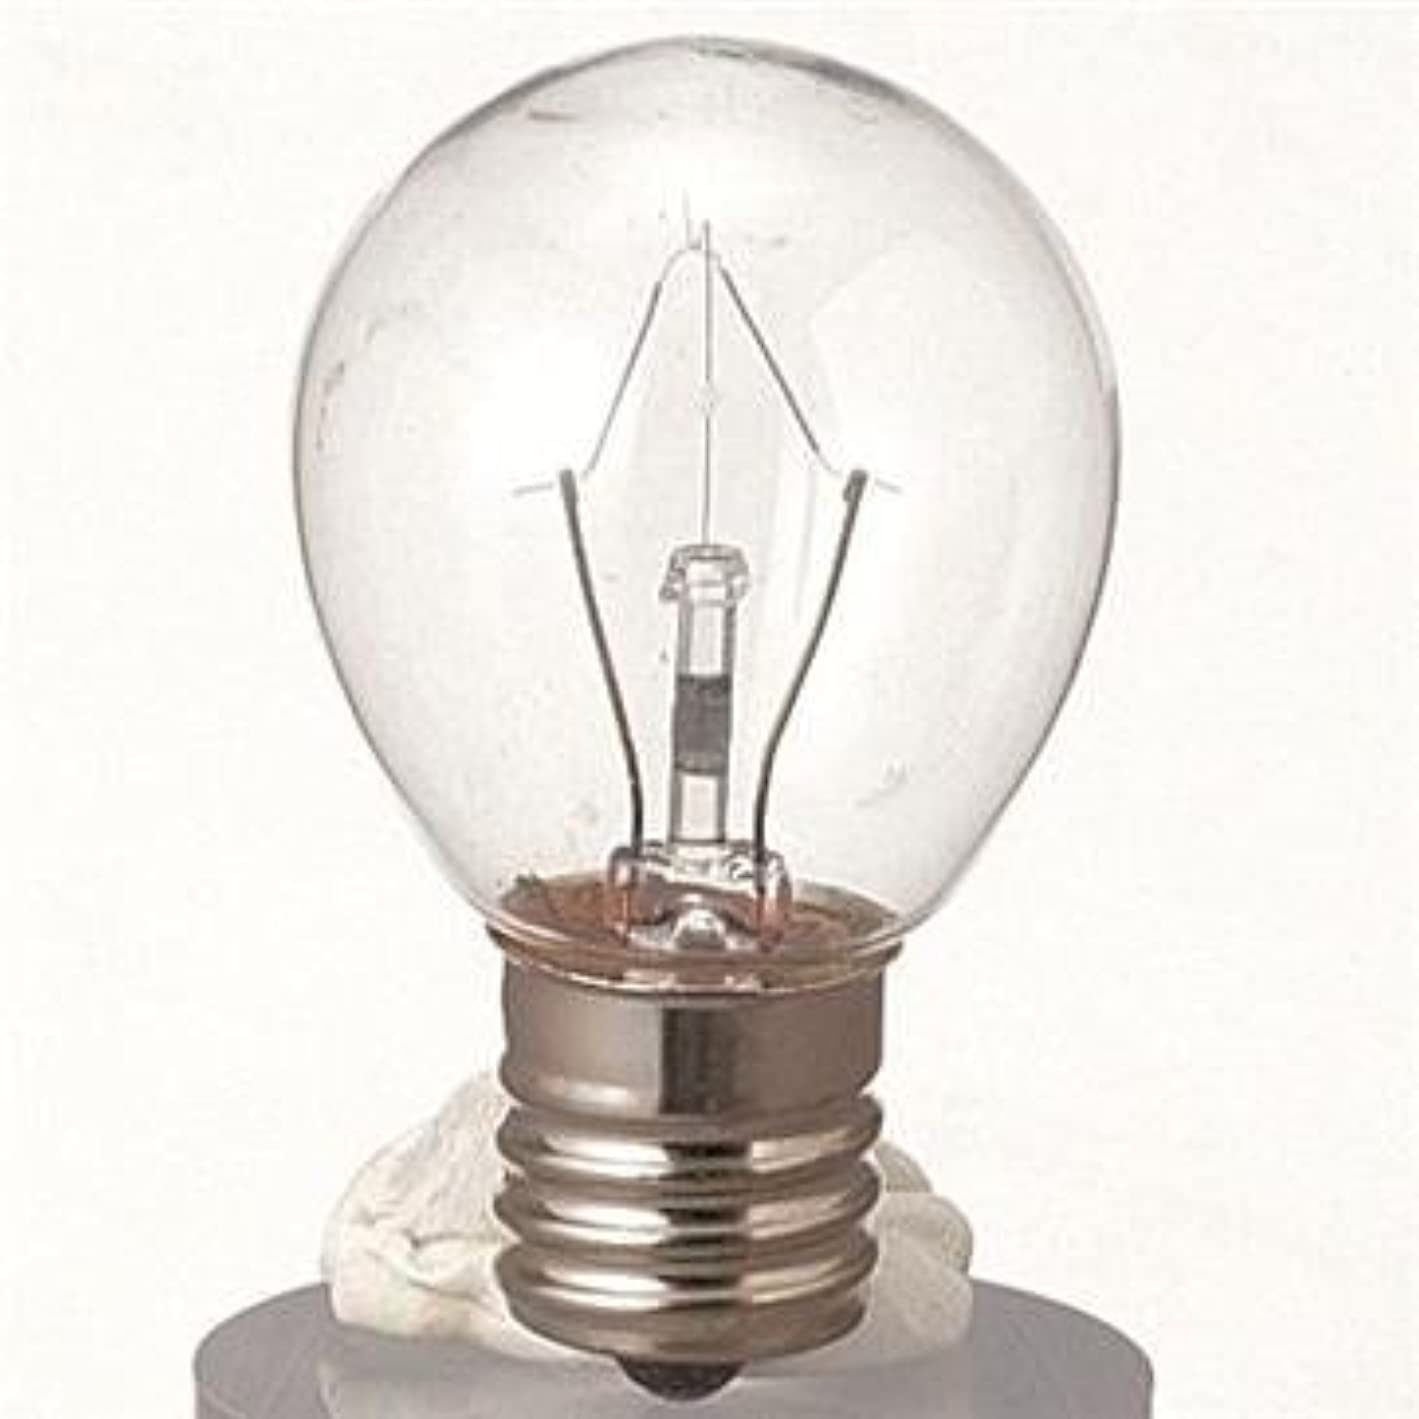 悪性腫瘍開発少数生活の木 アロマランプL用 電球[25W]